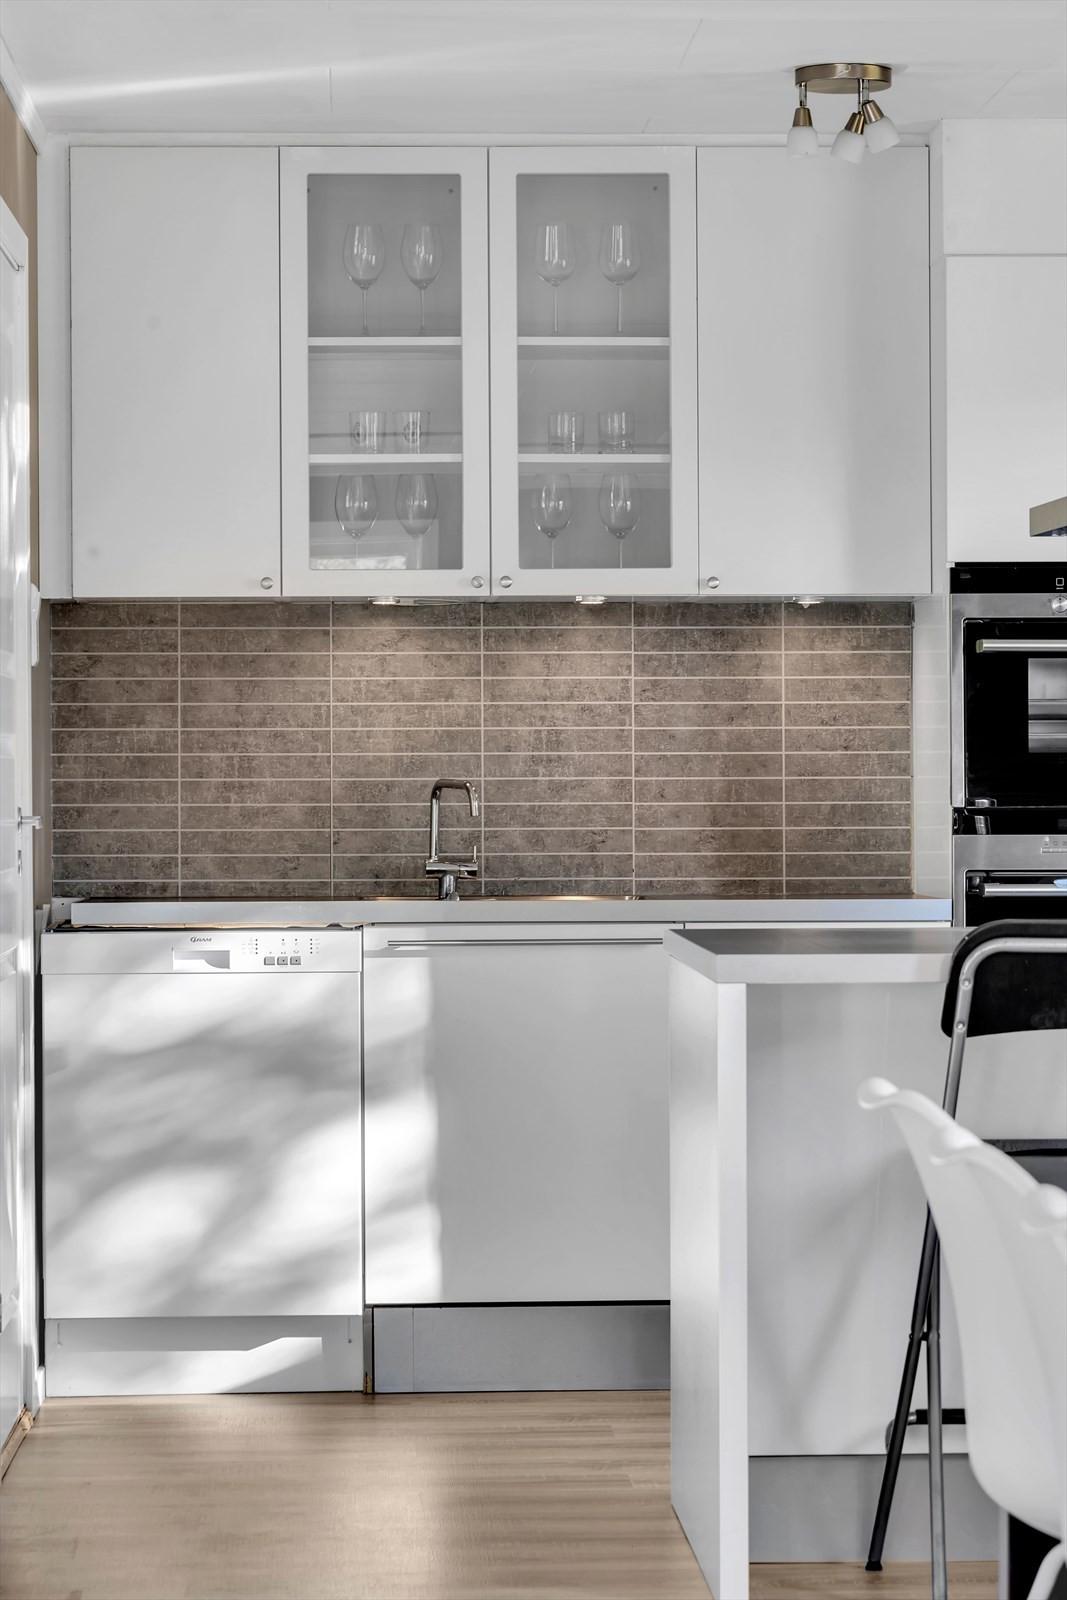 Kjøkkenet er fra 2014 og er levert av HTH